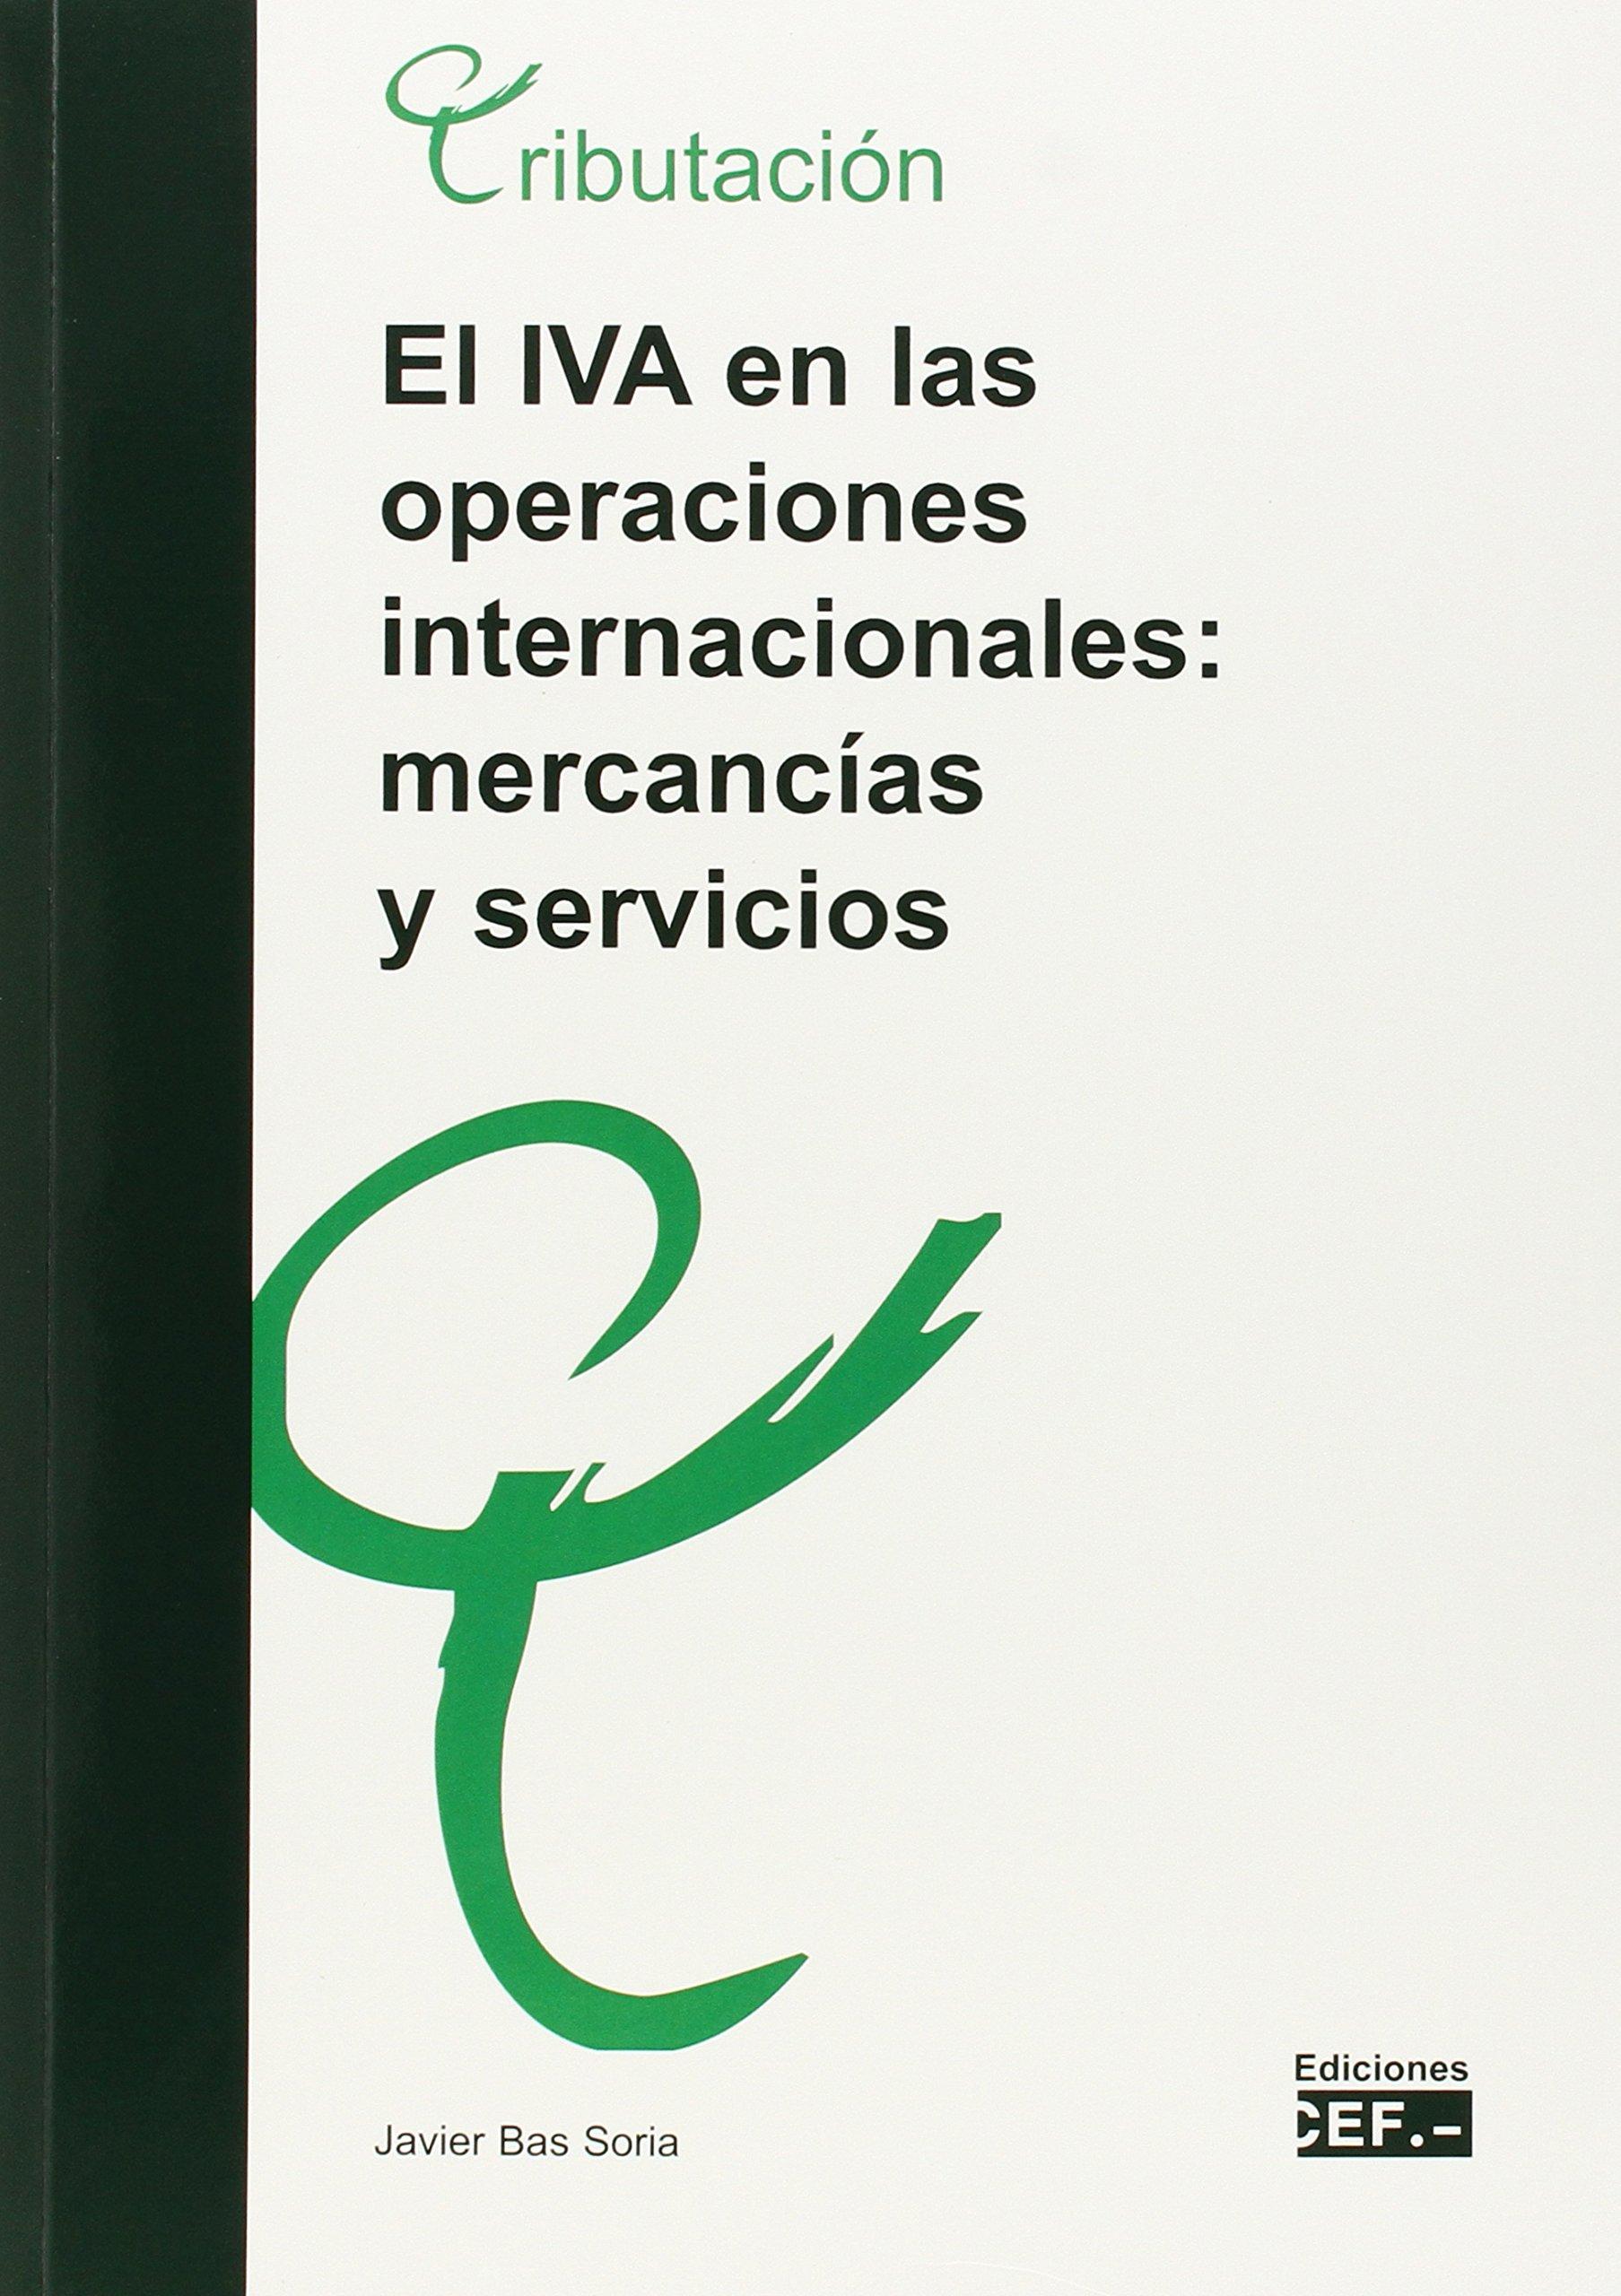 El IVA en las operaciones internacionales: mercancías y servicios: Amazon.es: Javier Bas Soria: Libros